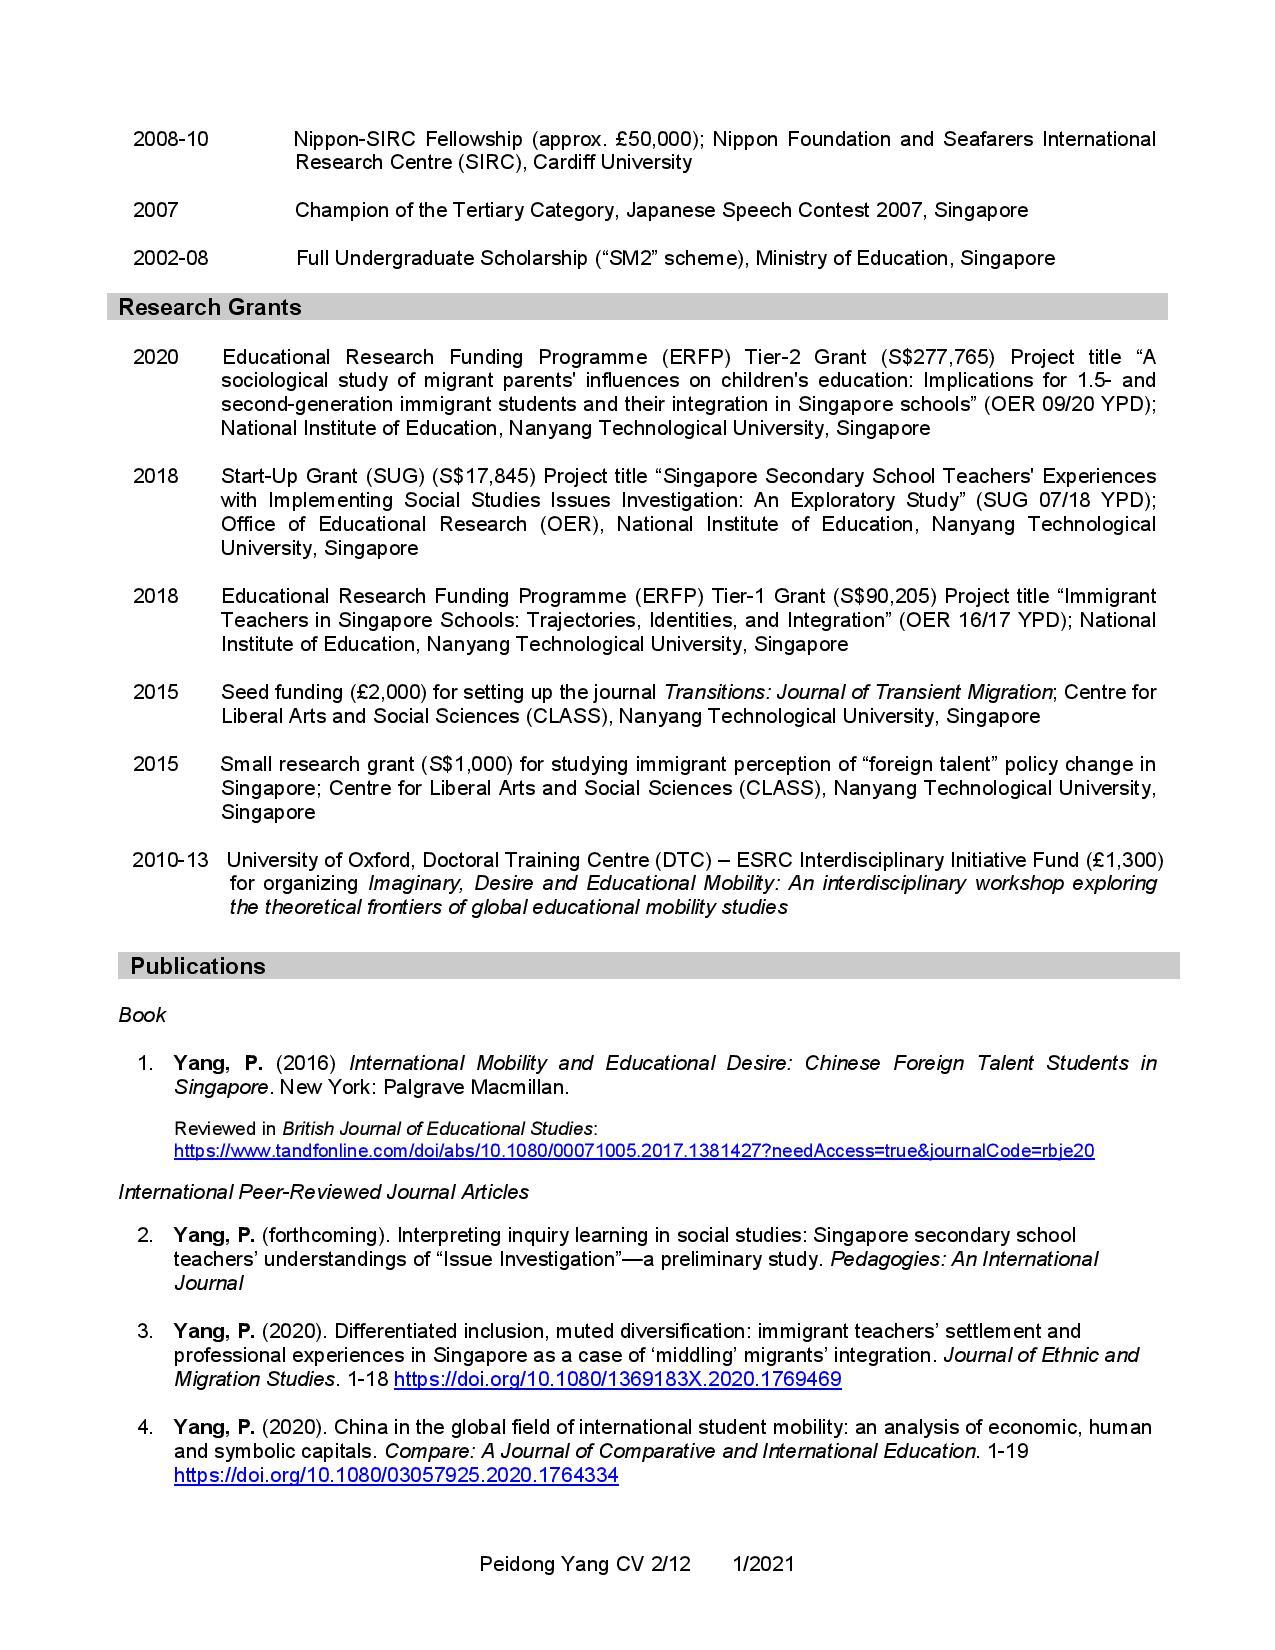 CV YANG Peidong_1.2021-page-002